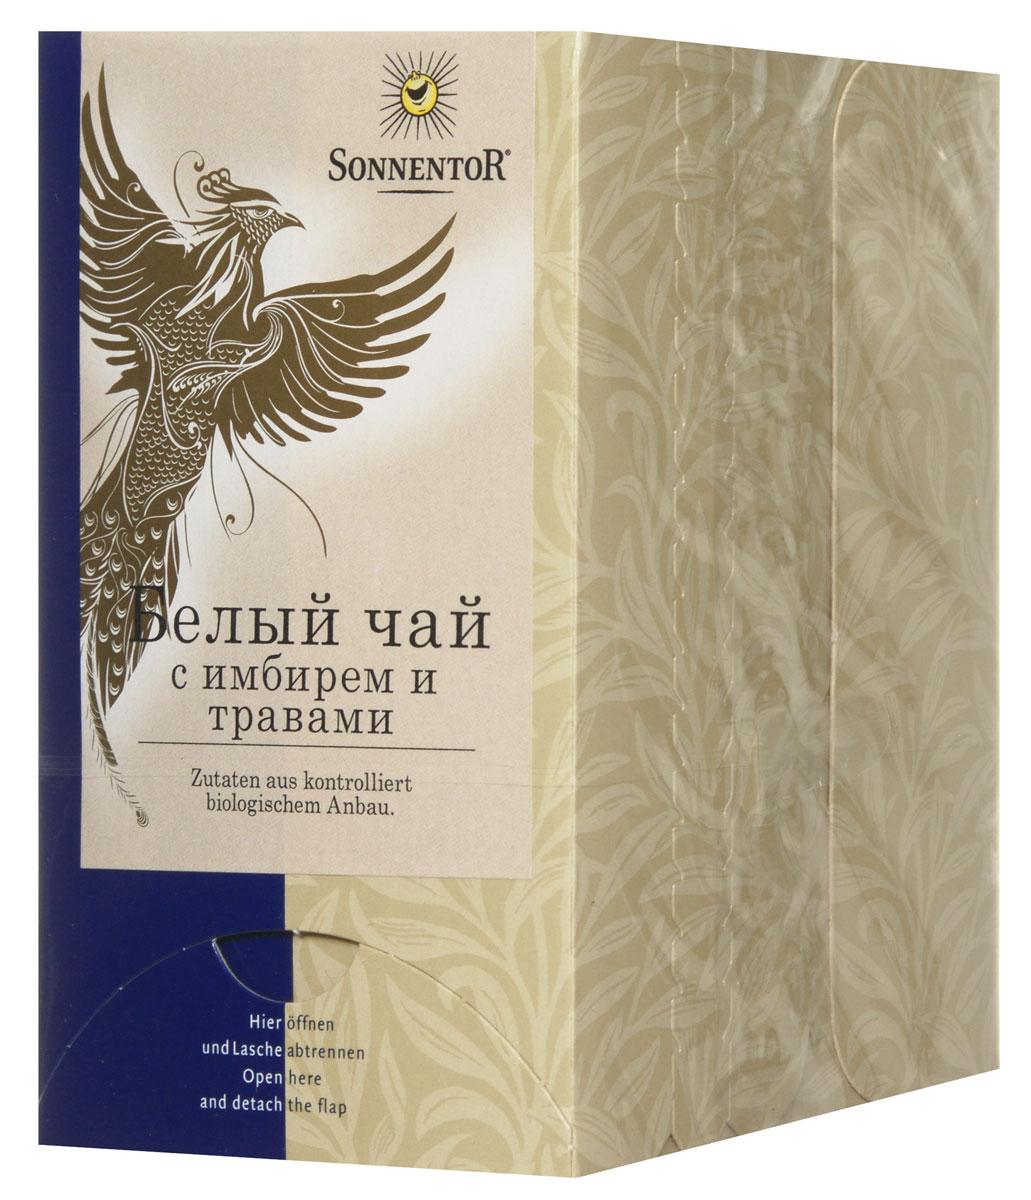 Sonnentor Белый чай с имбирем и травами, 18 пакетиков